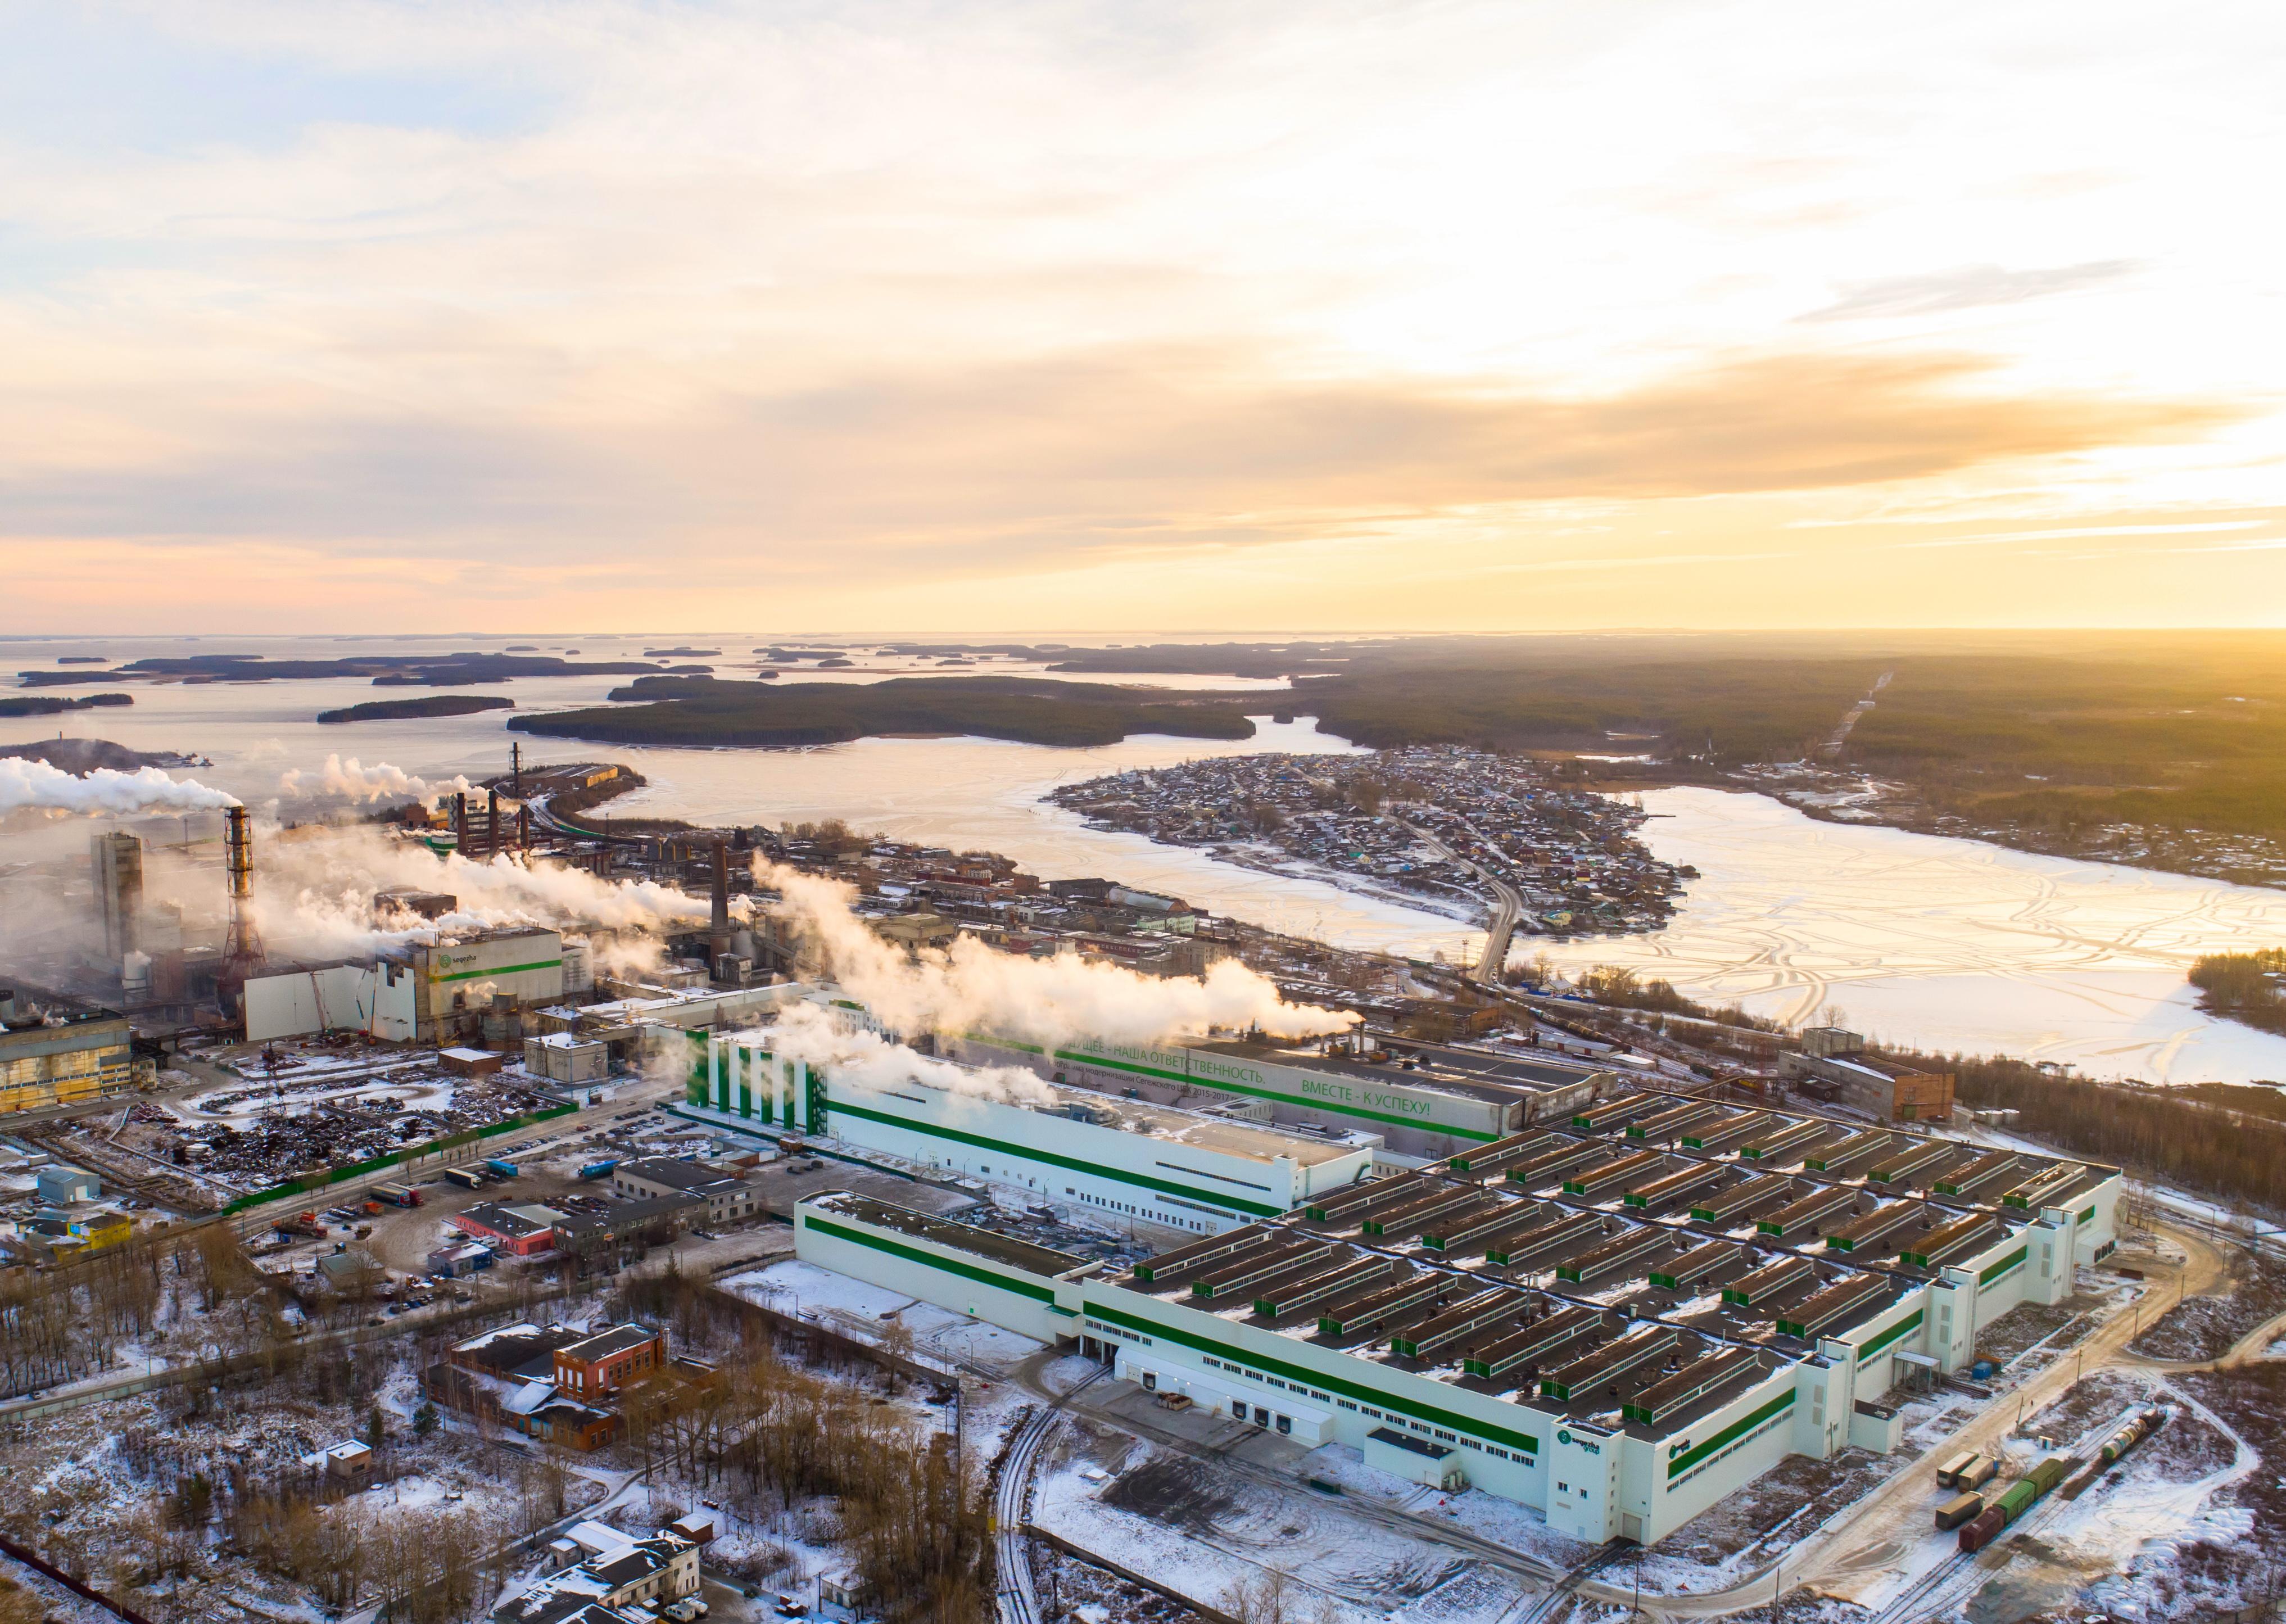 Более 800 млн руб. вложит Segezha Group в экологическую безопасность в 2021 г.